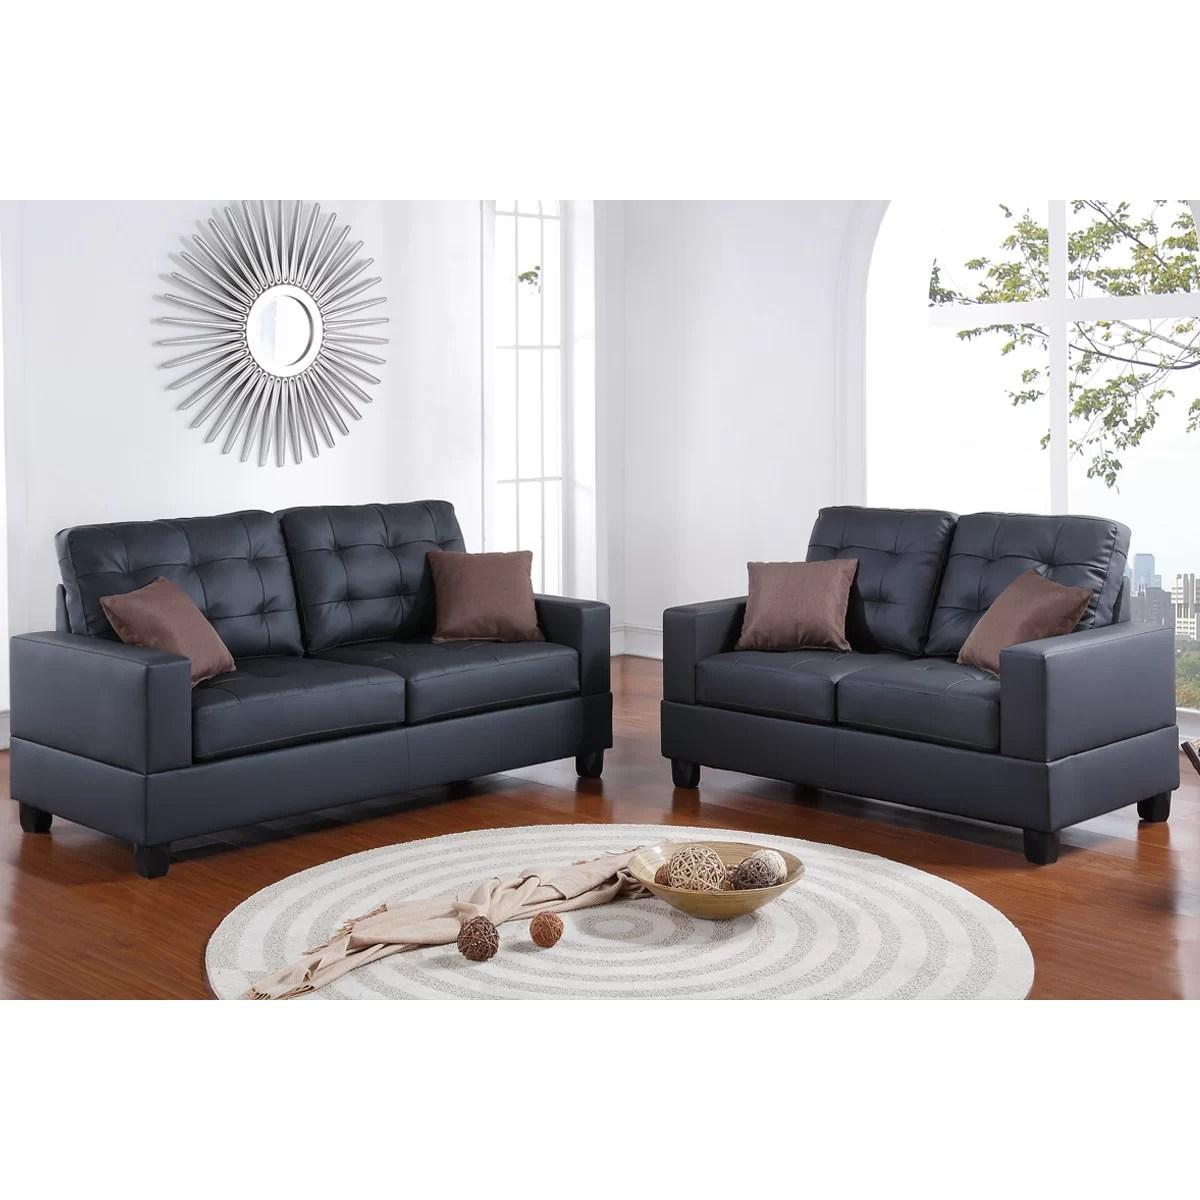 bobkona sofa set red corduroy sofas poundex aria 2 piece and loveseat